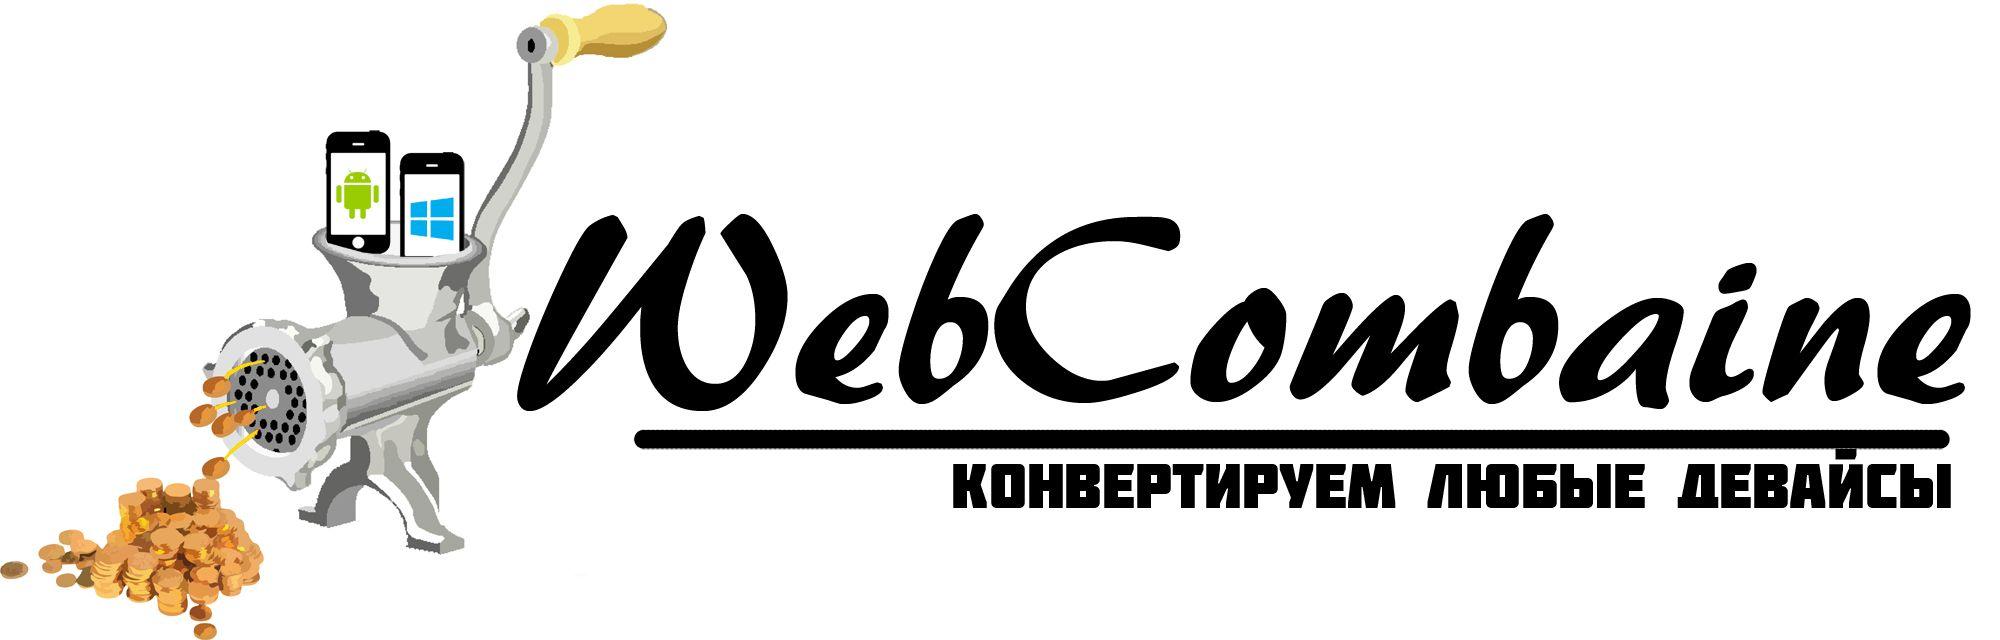 Логотип для мобильной партнерской программы - дизайнер ov07